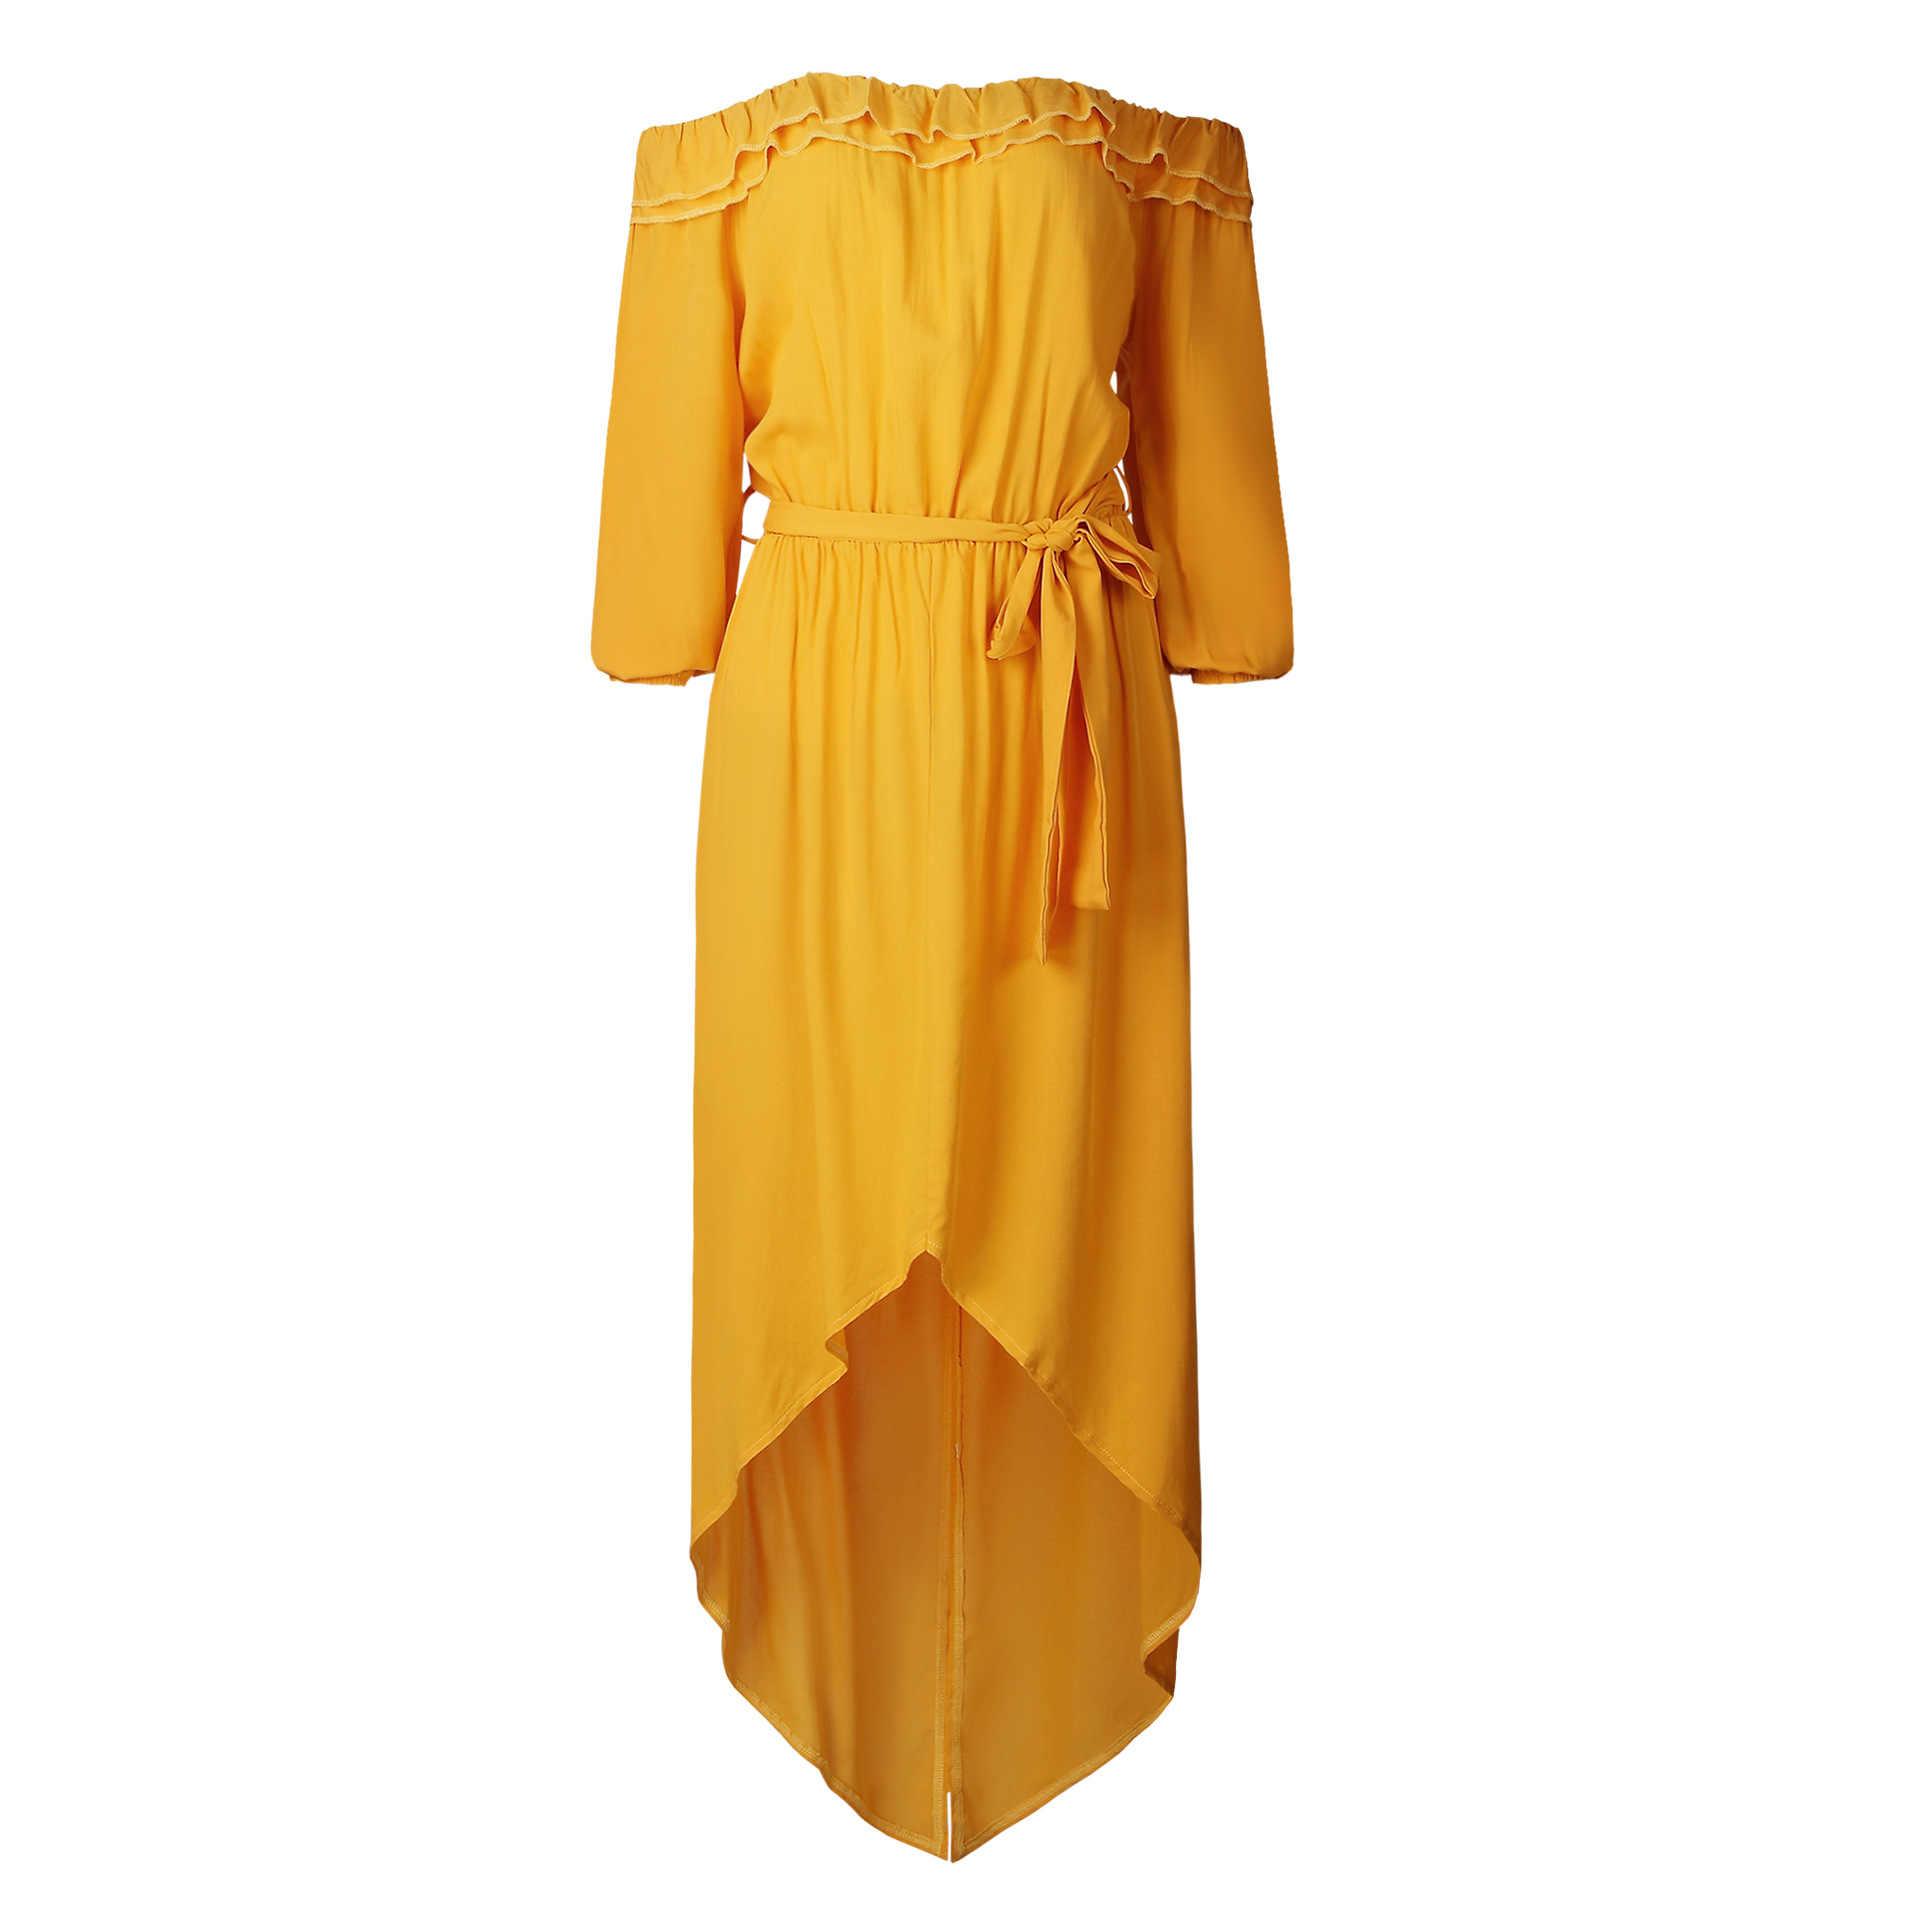 Été vente chaude volantée avant fendu couleur unie Slash cou col femmes robe asymétrique cendres cravate longue robe Maxi robe